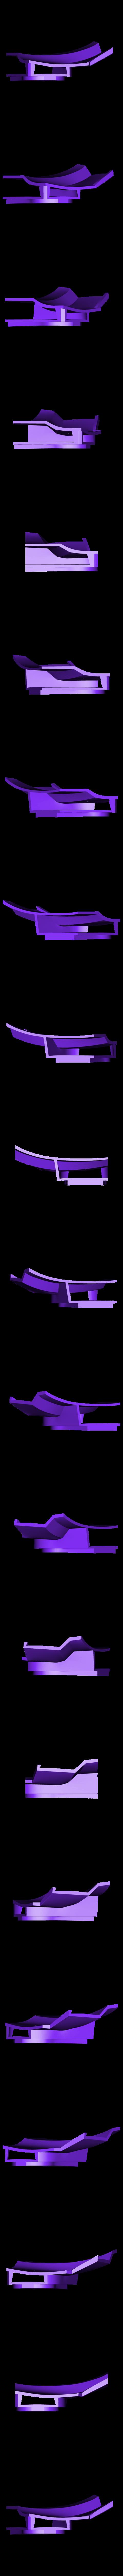 Part_5.stl Télécharger fichier STL gratuit Capitaine Rex Casque Phase 2 (Star Wars) • Plan imprimable en 3D, VillainousPropShop